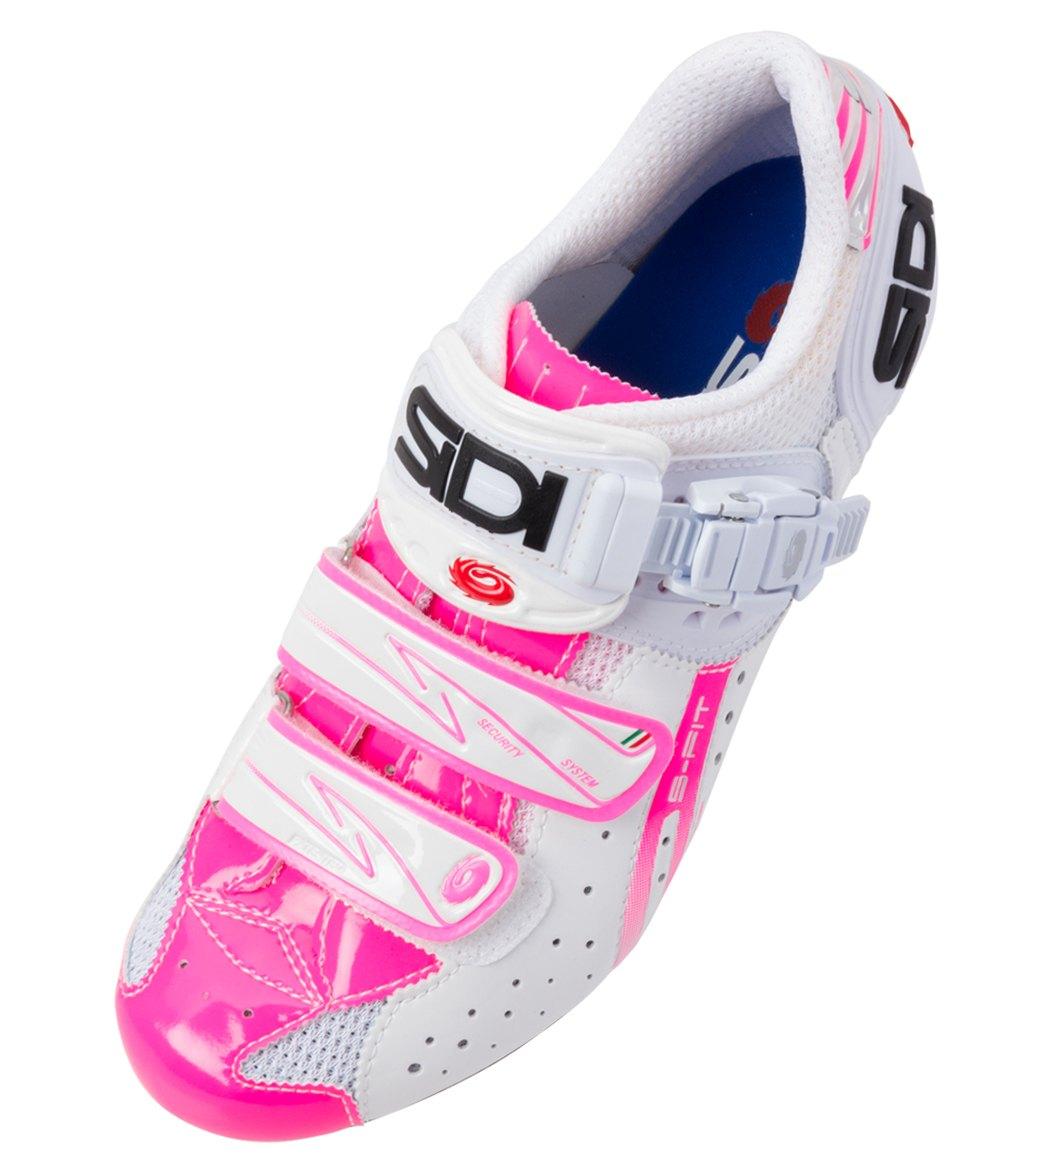 09742c38e28ff SIDI Women's Genius Fit Carbon Cycling Shoes at SwimOutlet.com ...